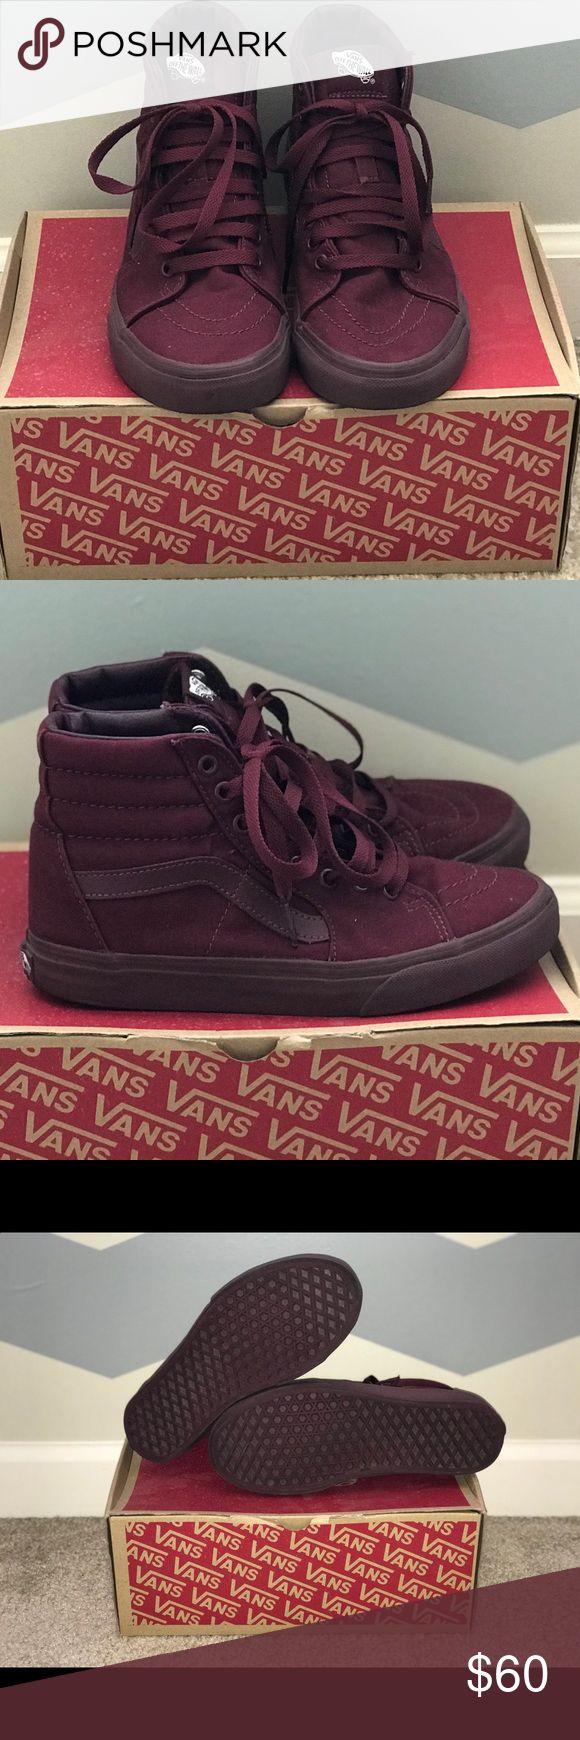 High top Vans All burgundy high top vans, only been worn twice. Vans Shoes Sneakers